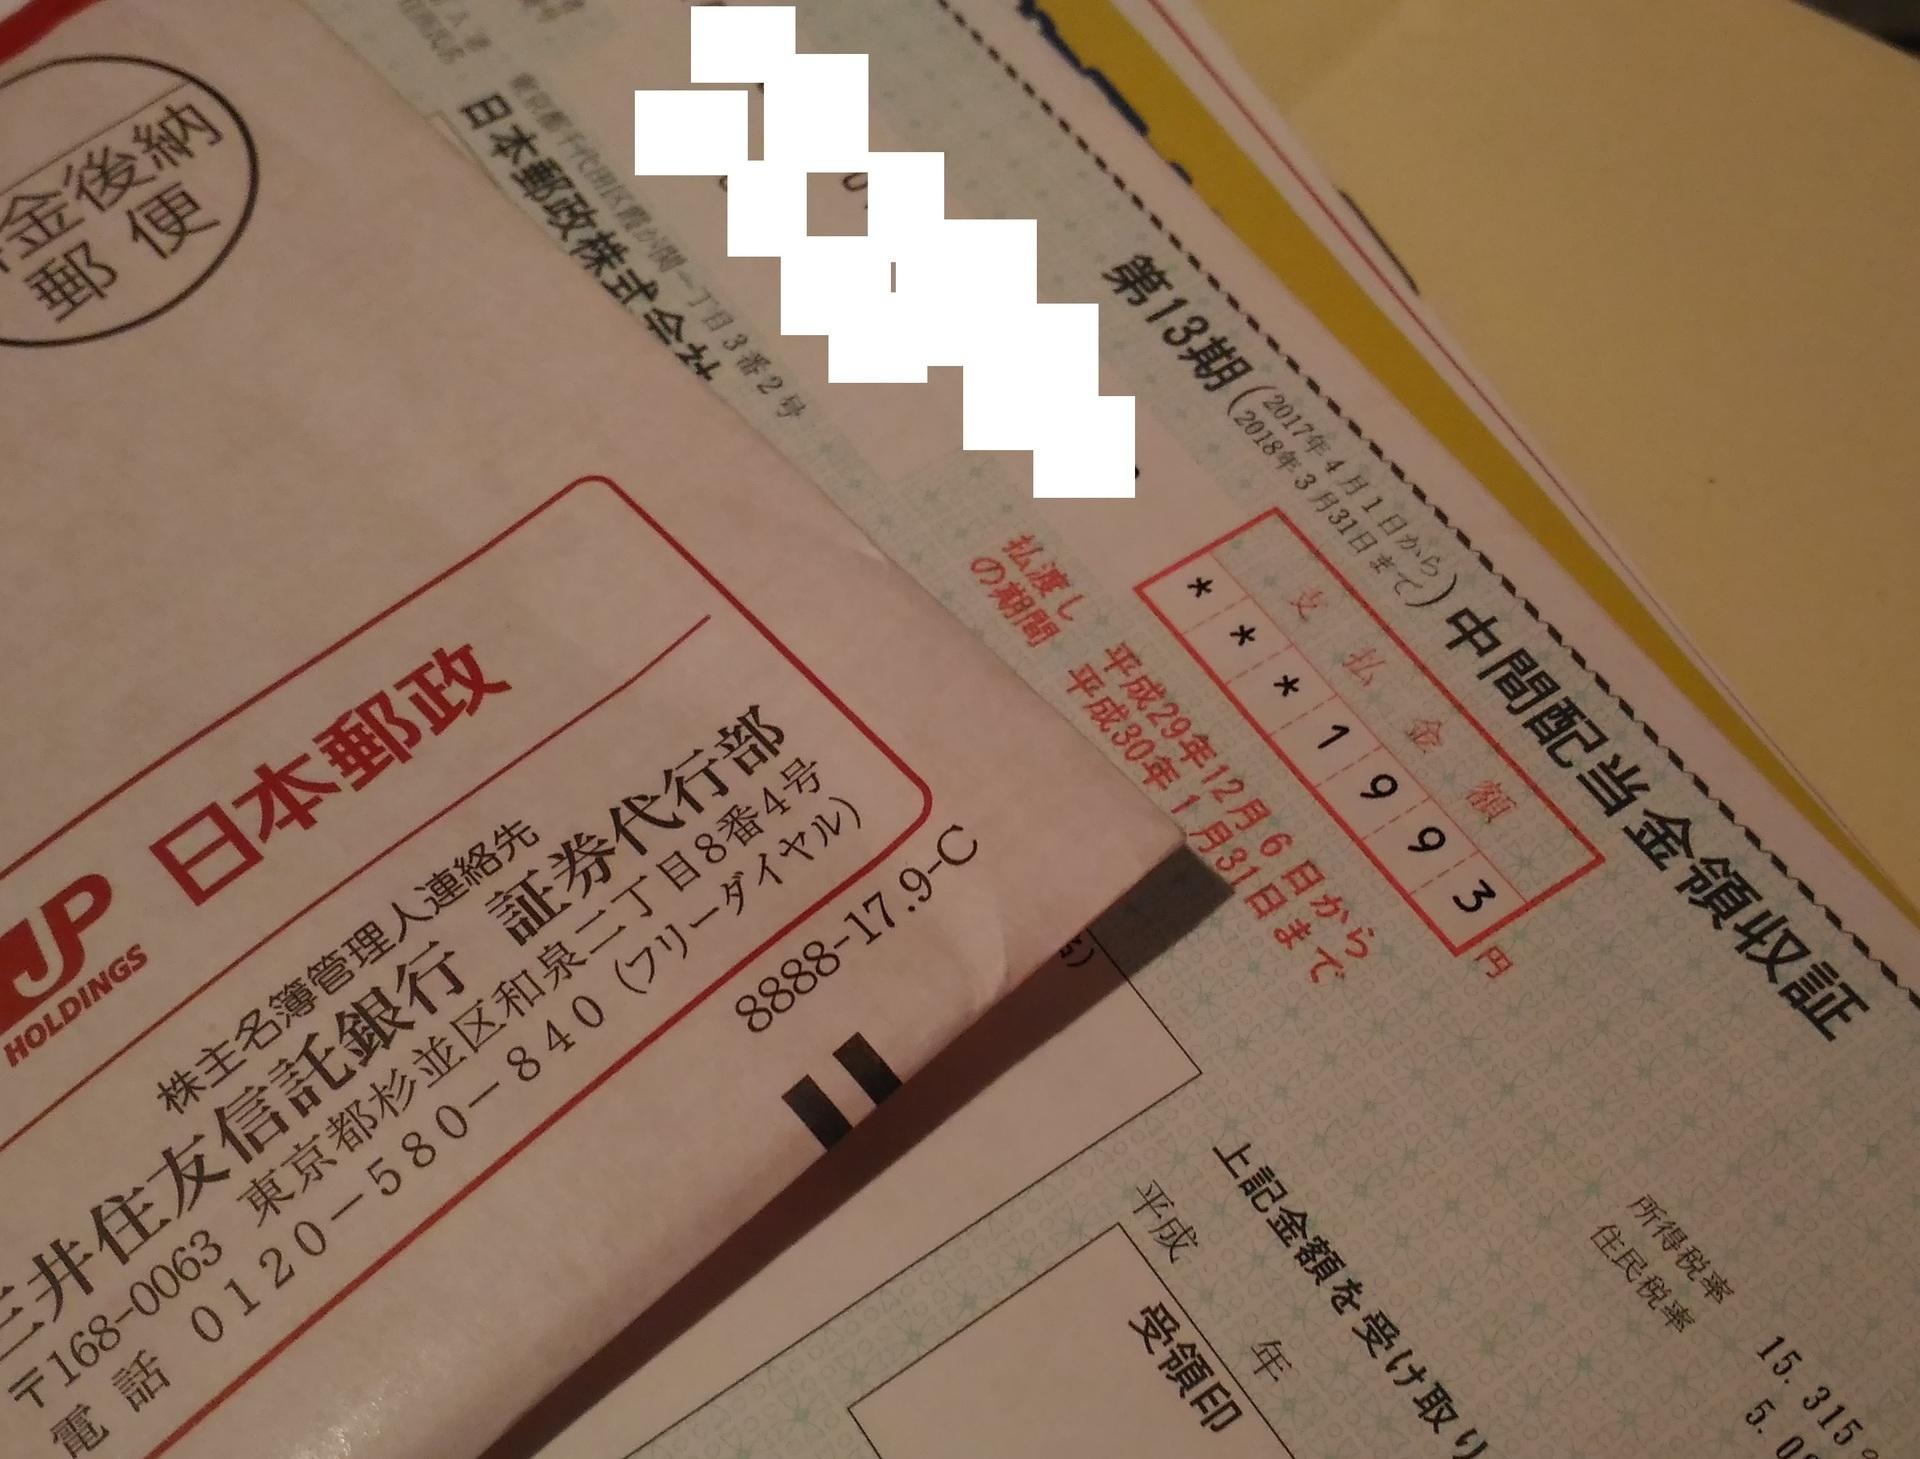 の 日本 株価 郵政